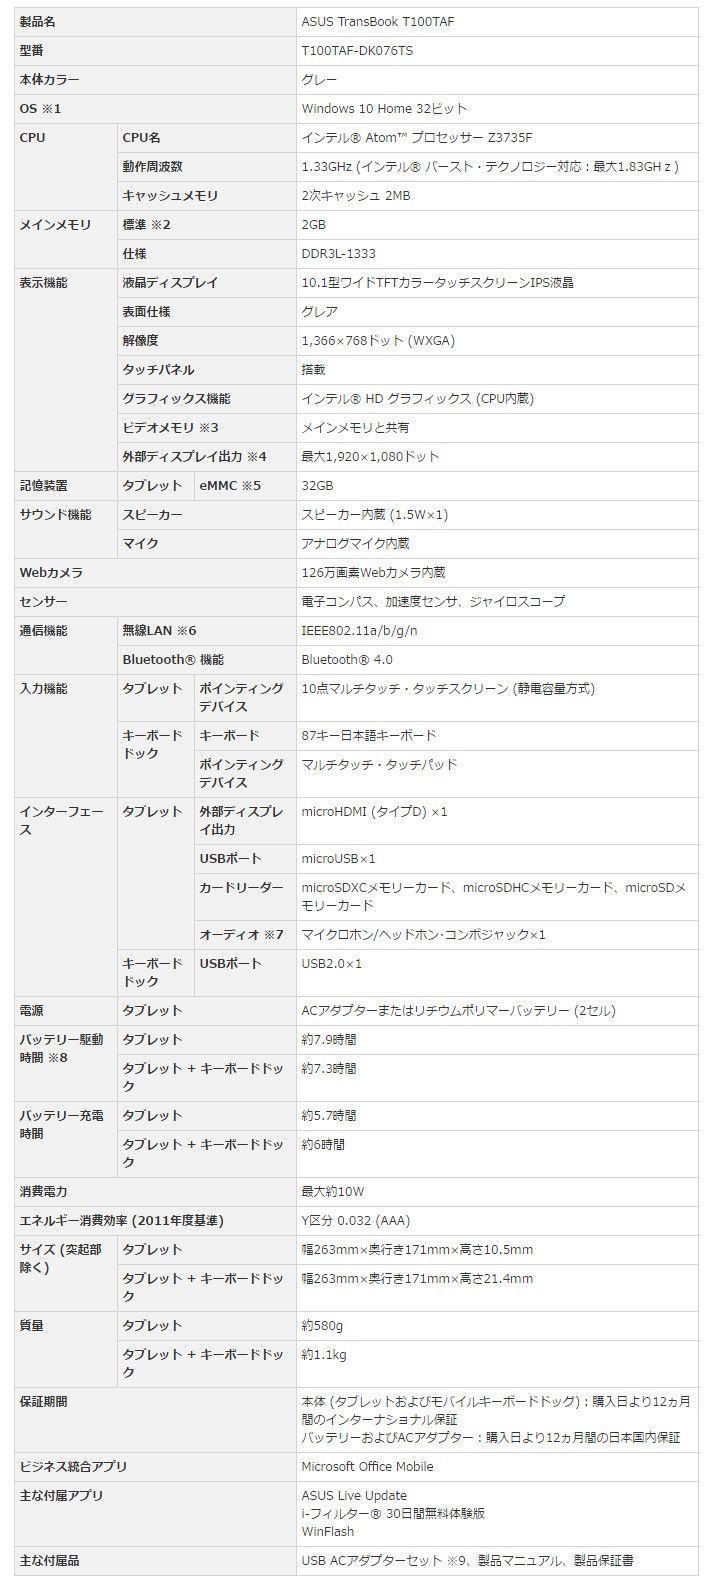 ASUS TransBook T100TAF スペック表